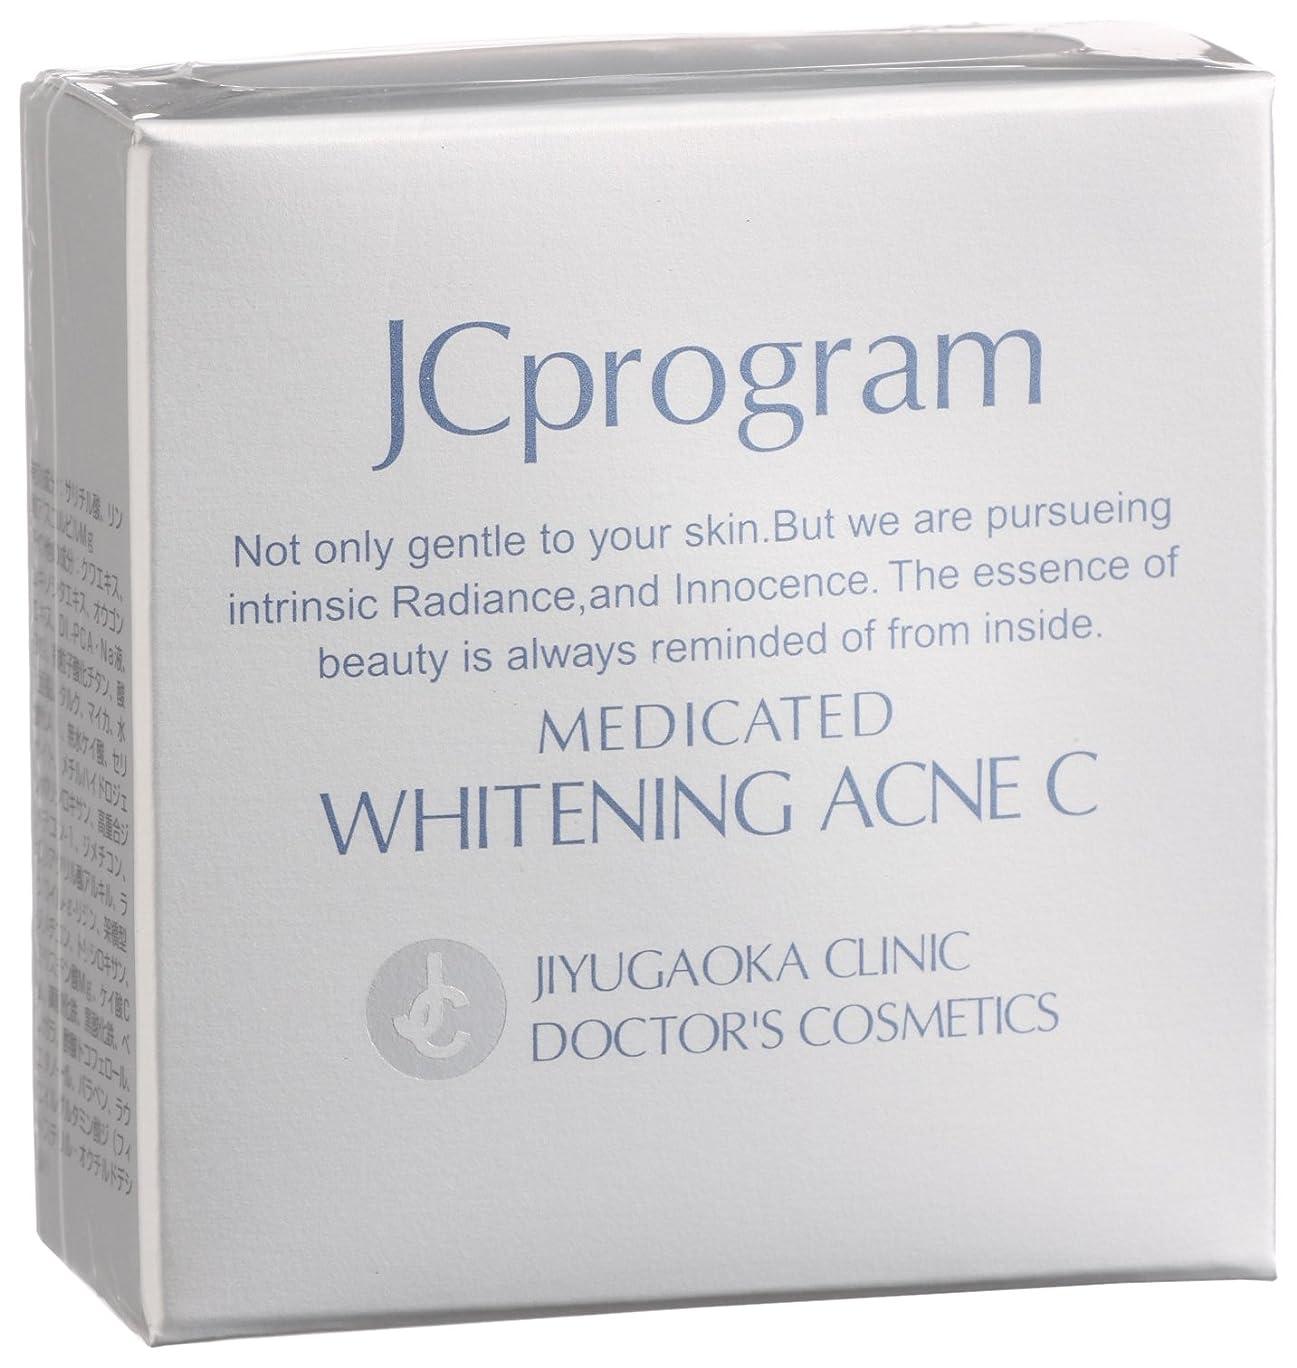 週末腹痛とても多くのJCprogram  薬用ホワイトニングアクネC